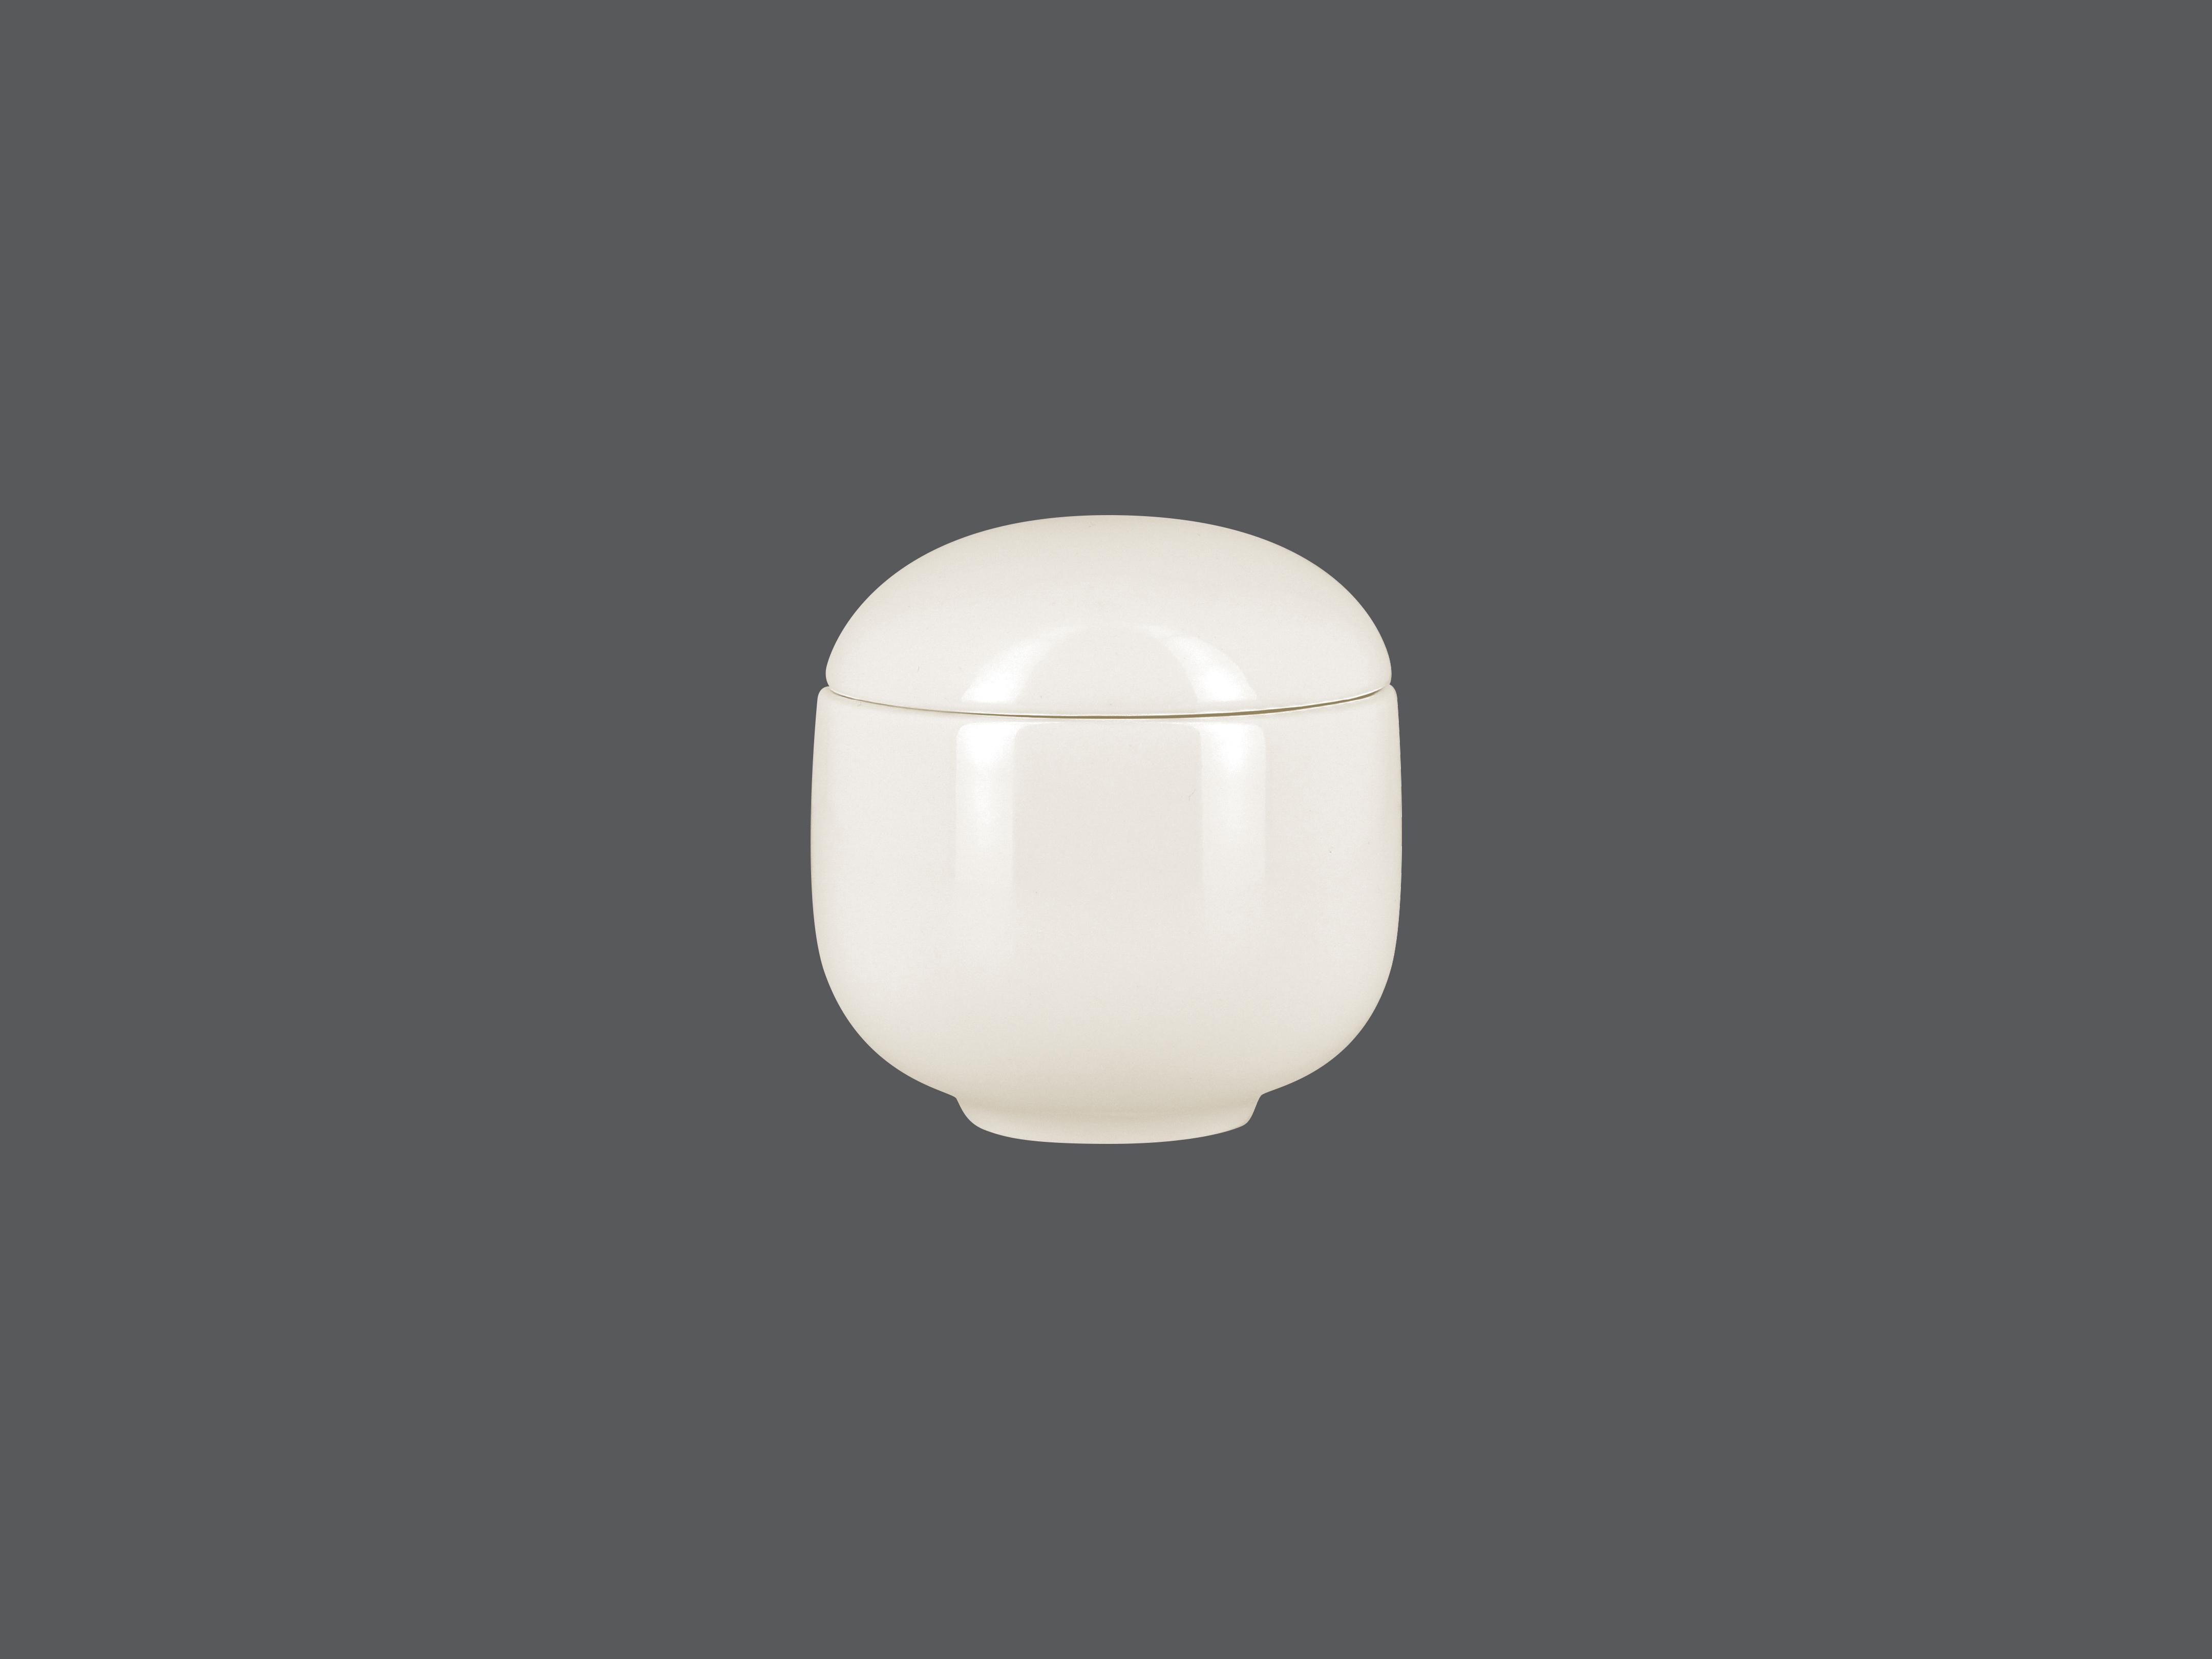 Cukřenka s víčkem 19 cl - bílá